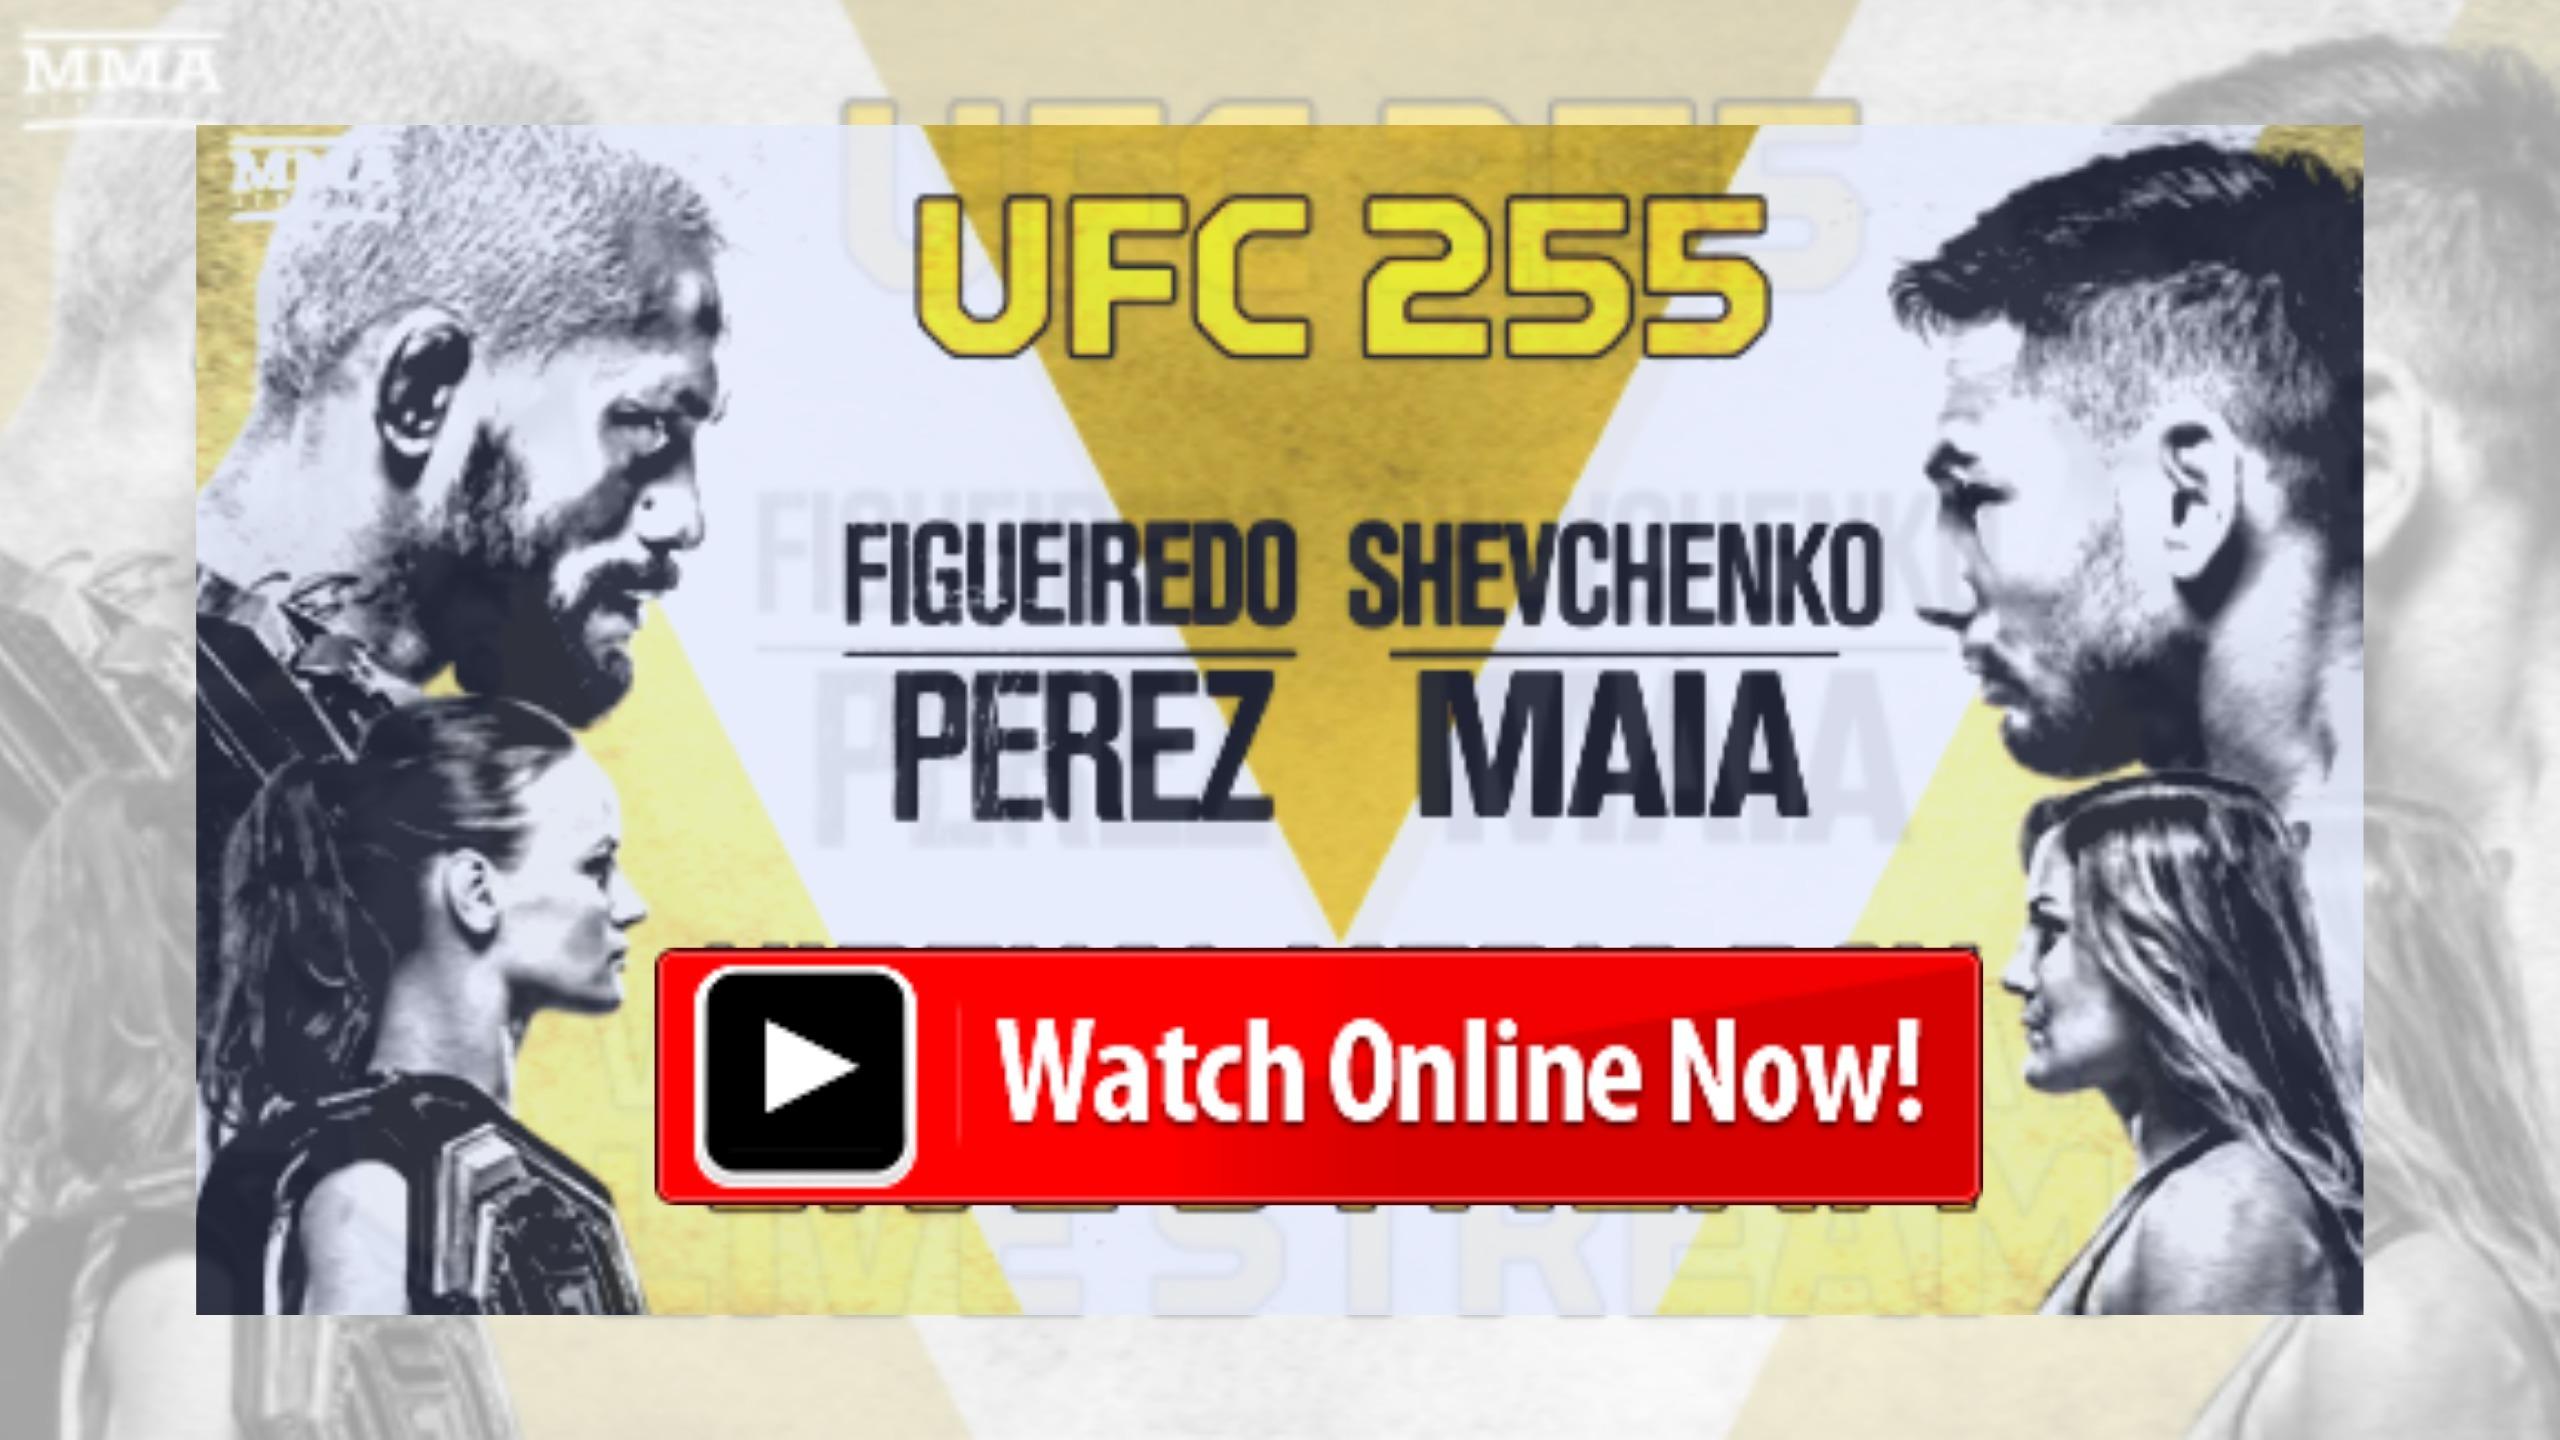 UFC 255 Live Stream Free (@ufc255livestreamfree) Cover Image